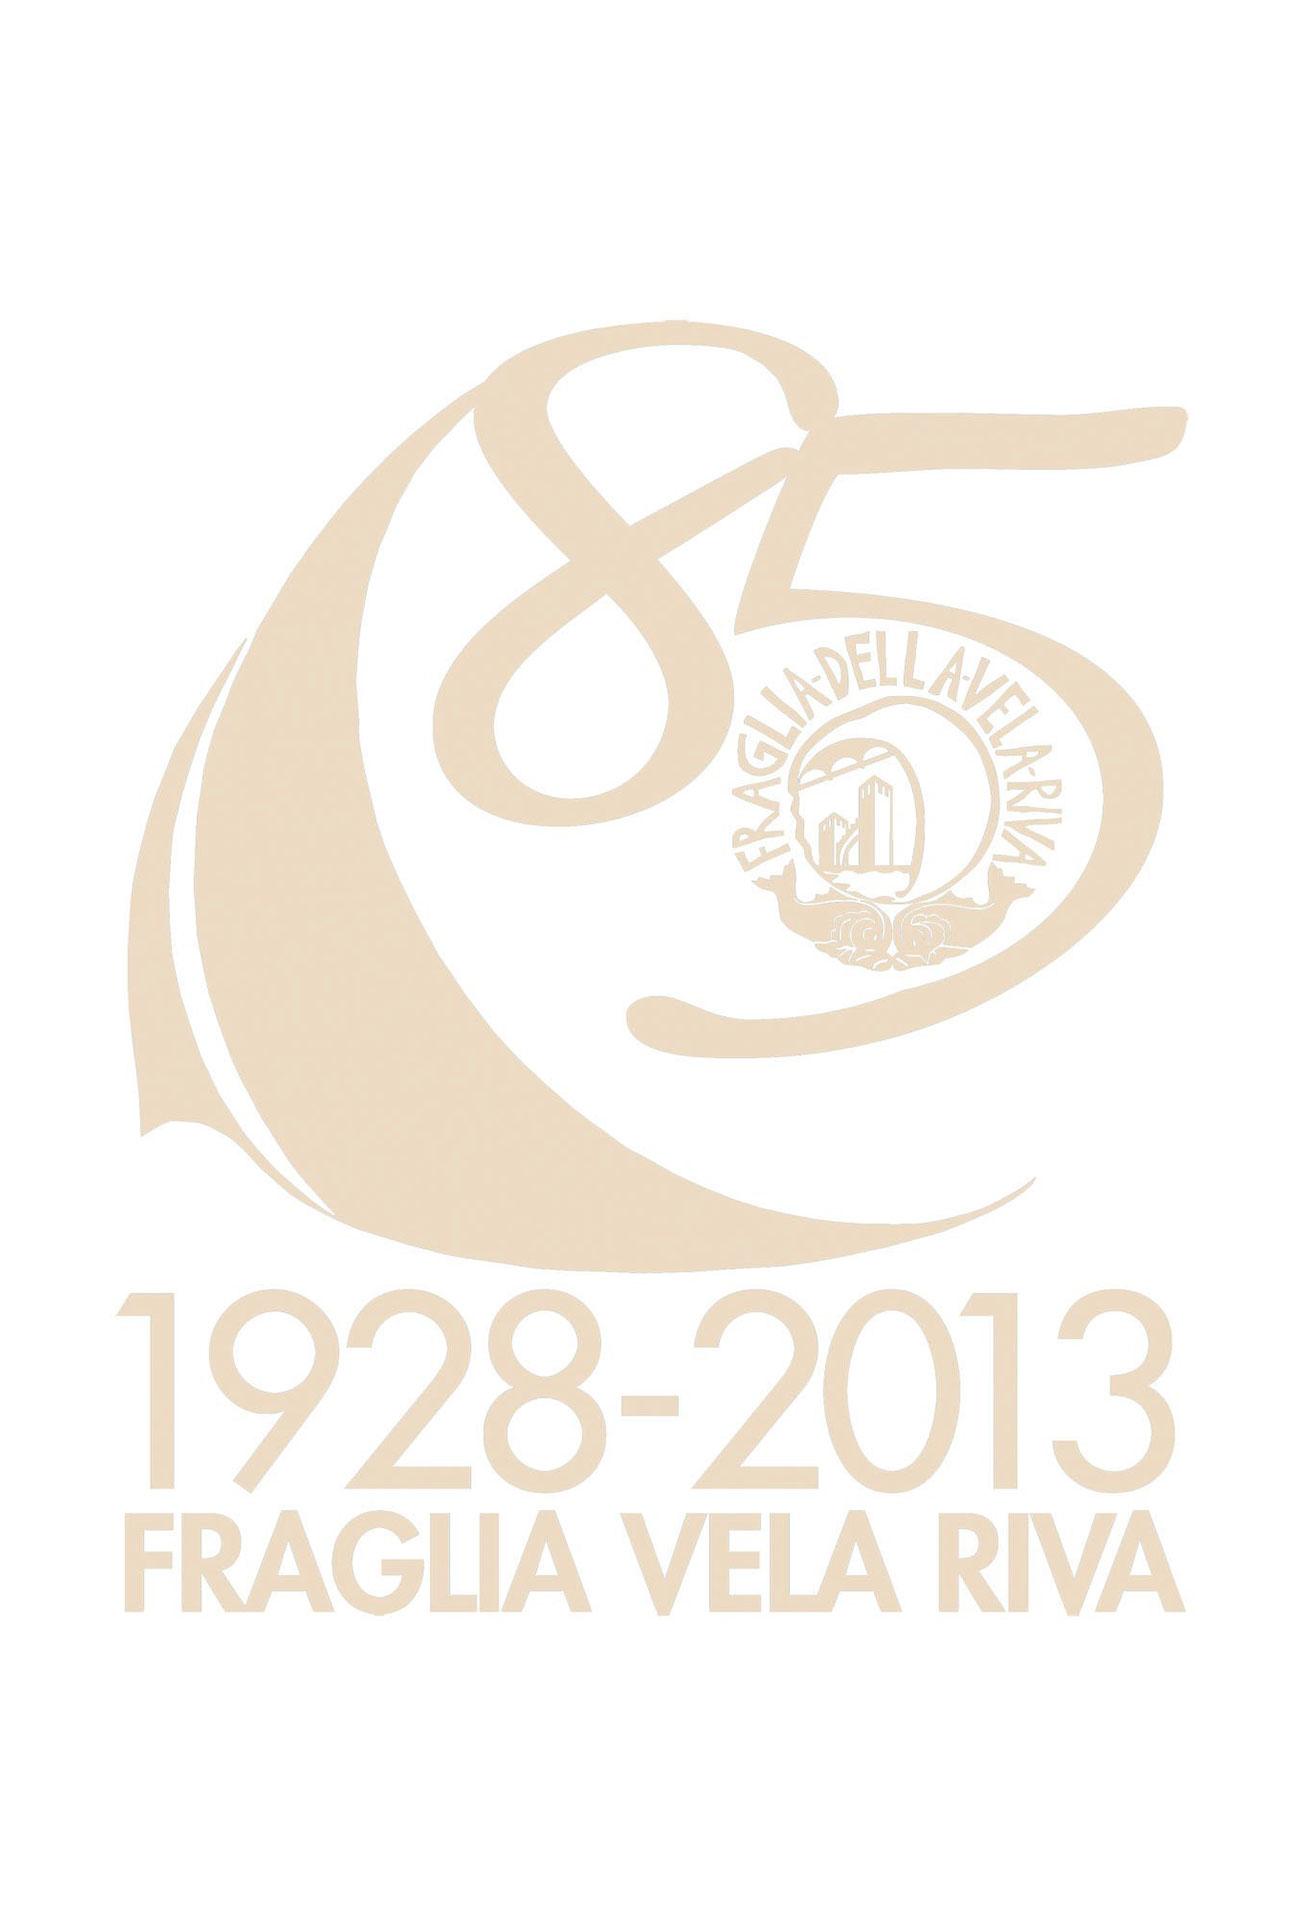 85annifragliavelariva_giolai_p